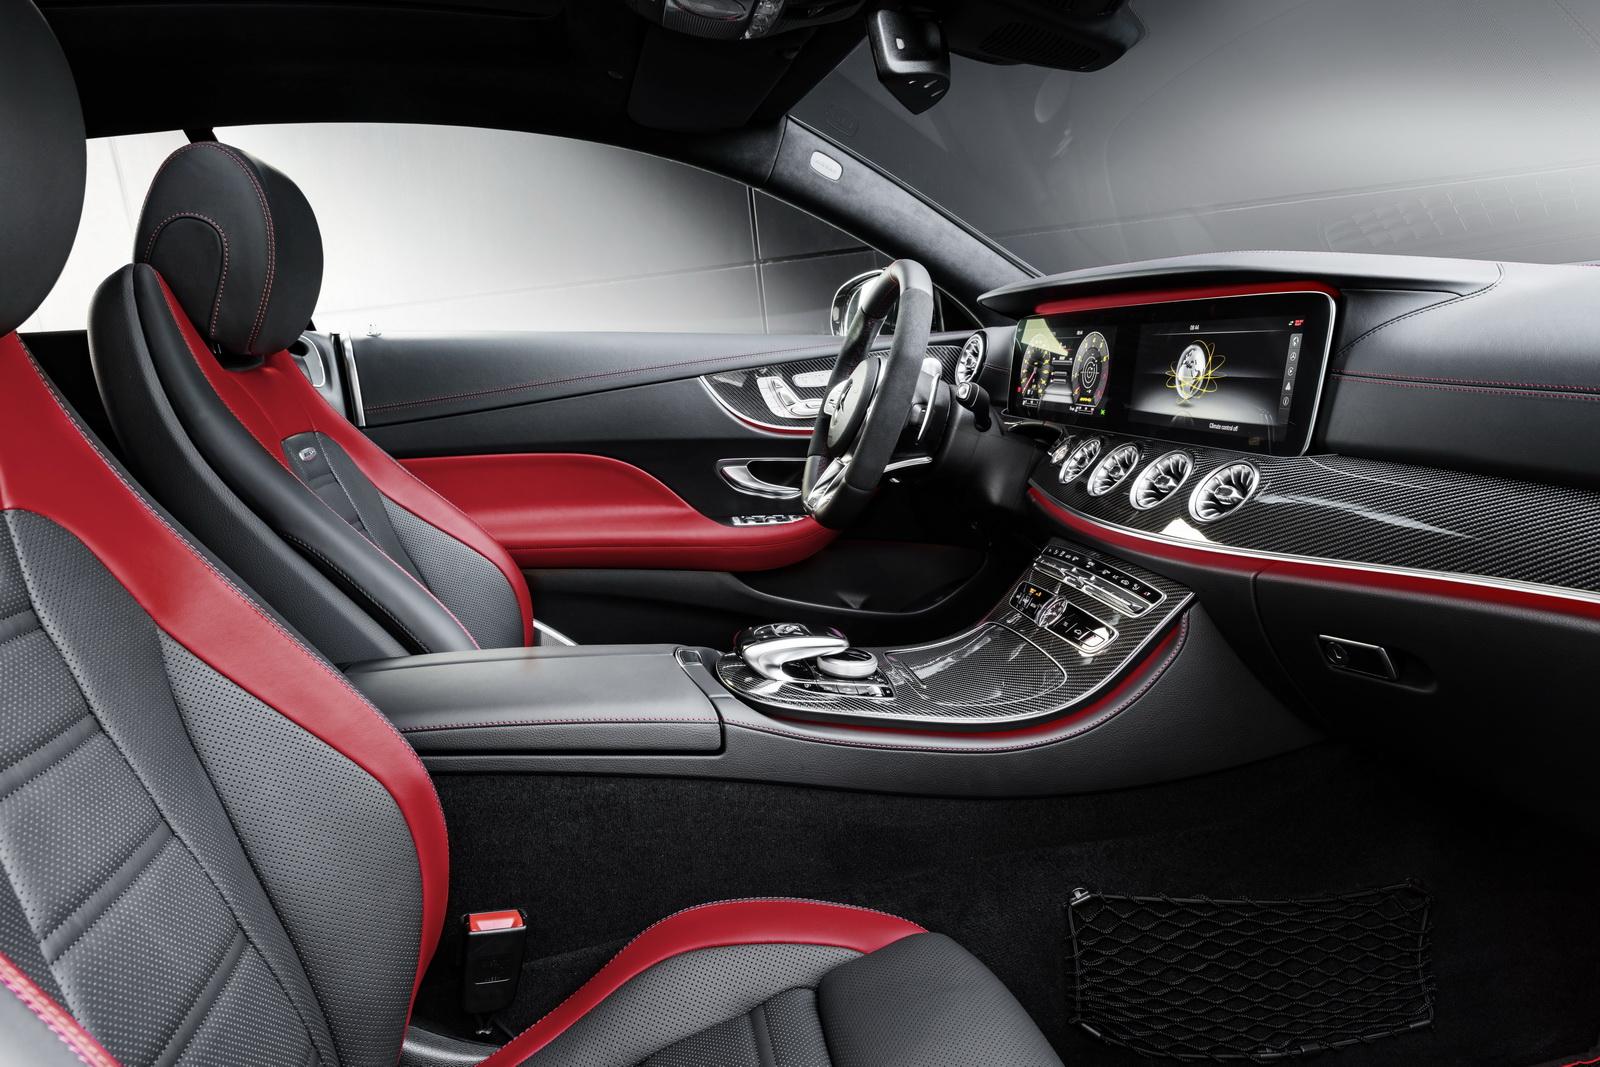 Mercedes-AMG E 53 4MATIC+ CoupéExterieur: Obsidianschwarz metallic Interieur: Polsterung Leder Nappa Schwarz/Classicrot //Exterior: Obsidian black metallicInterior: Upholstery nappa leather black/classic red (Kraftstoffverbrauch kombiniert: 8,4 l/100 km; CO2-Emissionen kombiniert: 200 g/km)(fuel consumption combined: 8.4 l/100 km; CO2 emissions combined: 200 g/km)